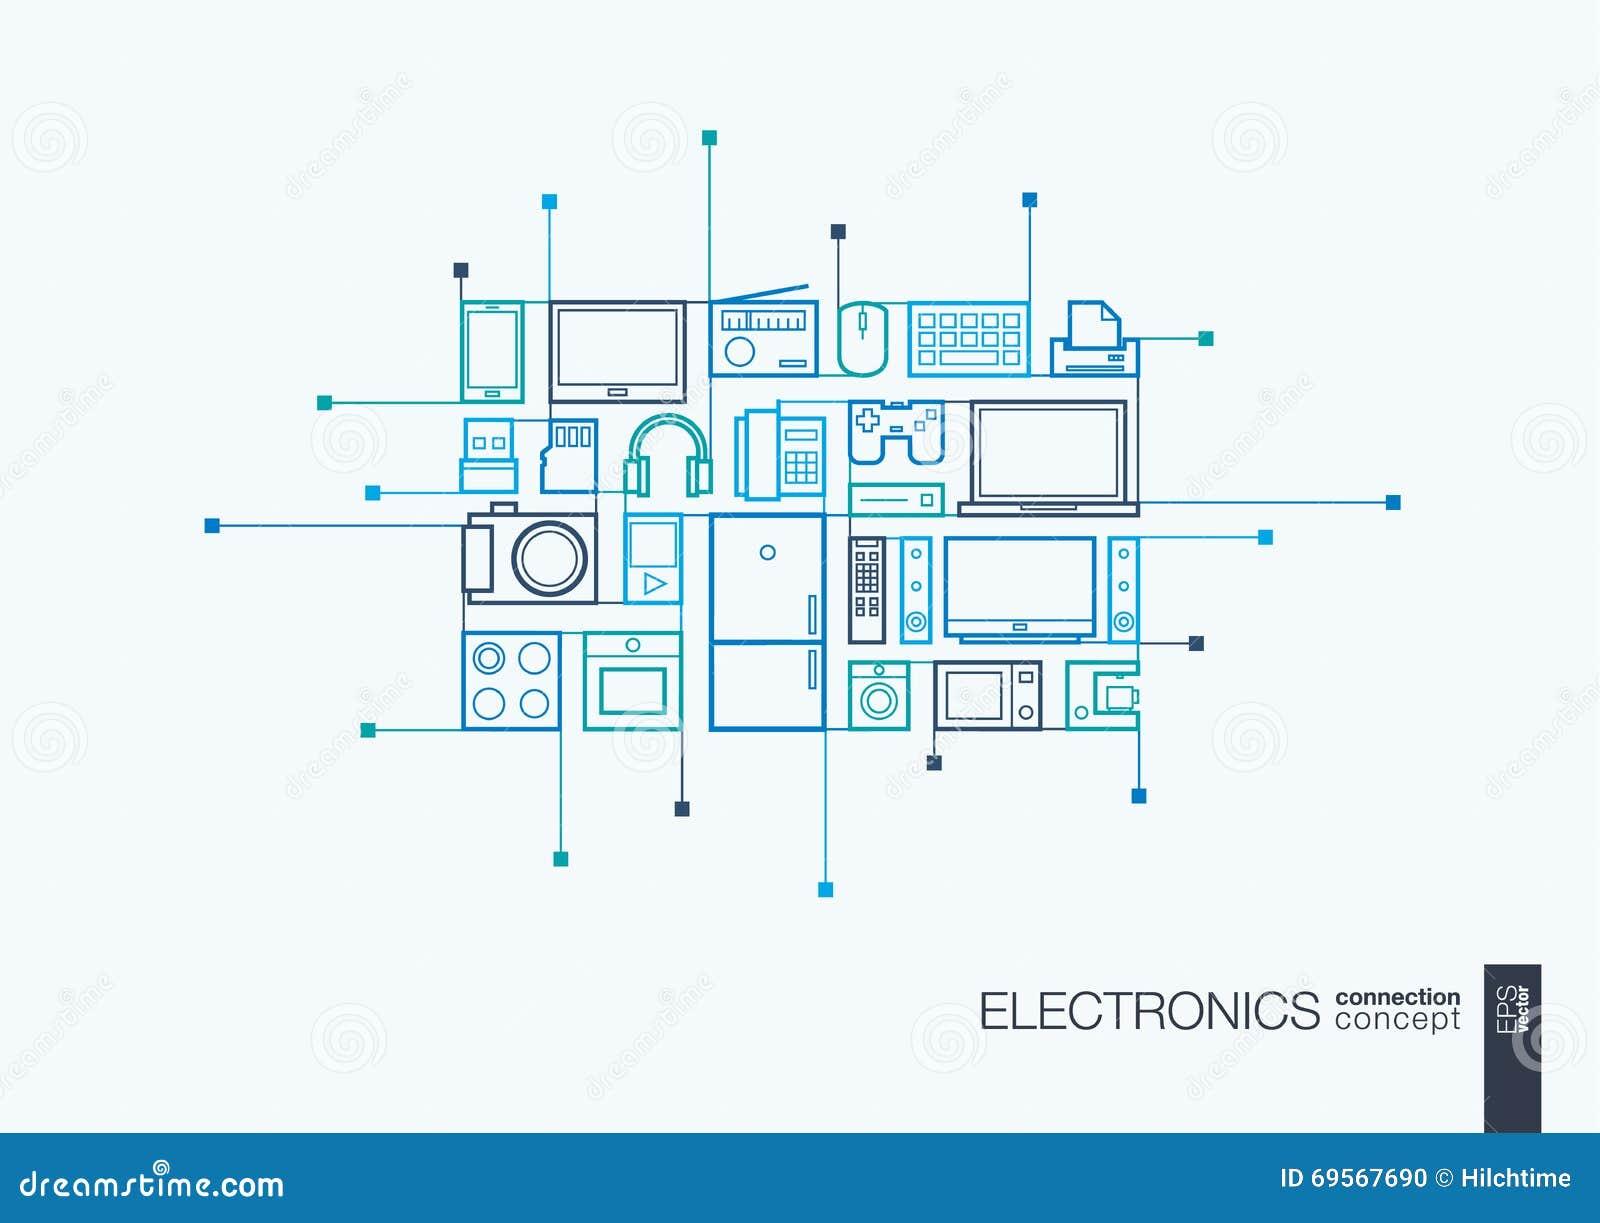 Nett Symbole In Der Elektronik Verwendet Fotos - Der Schaltplan ...